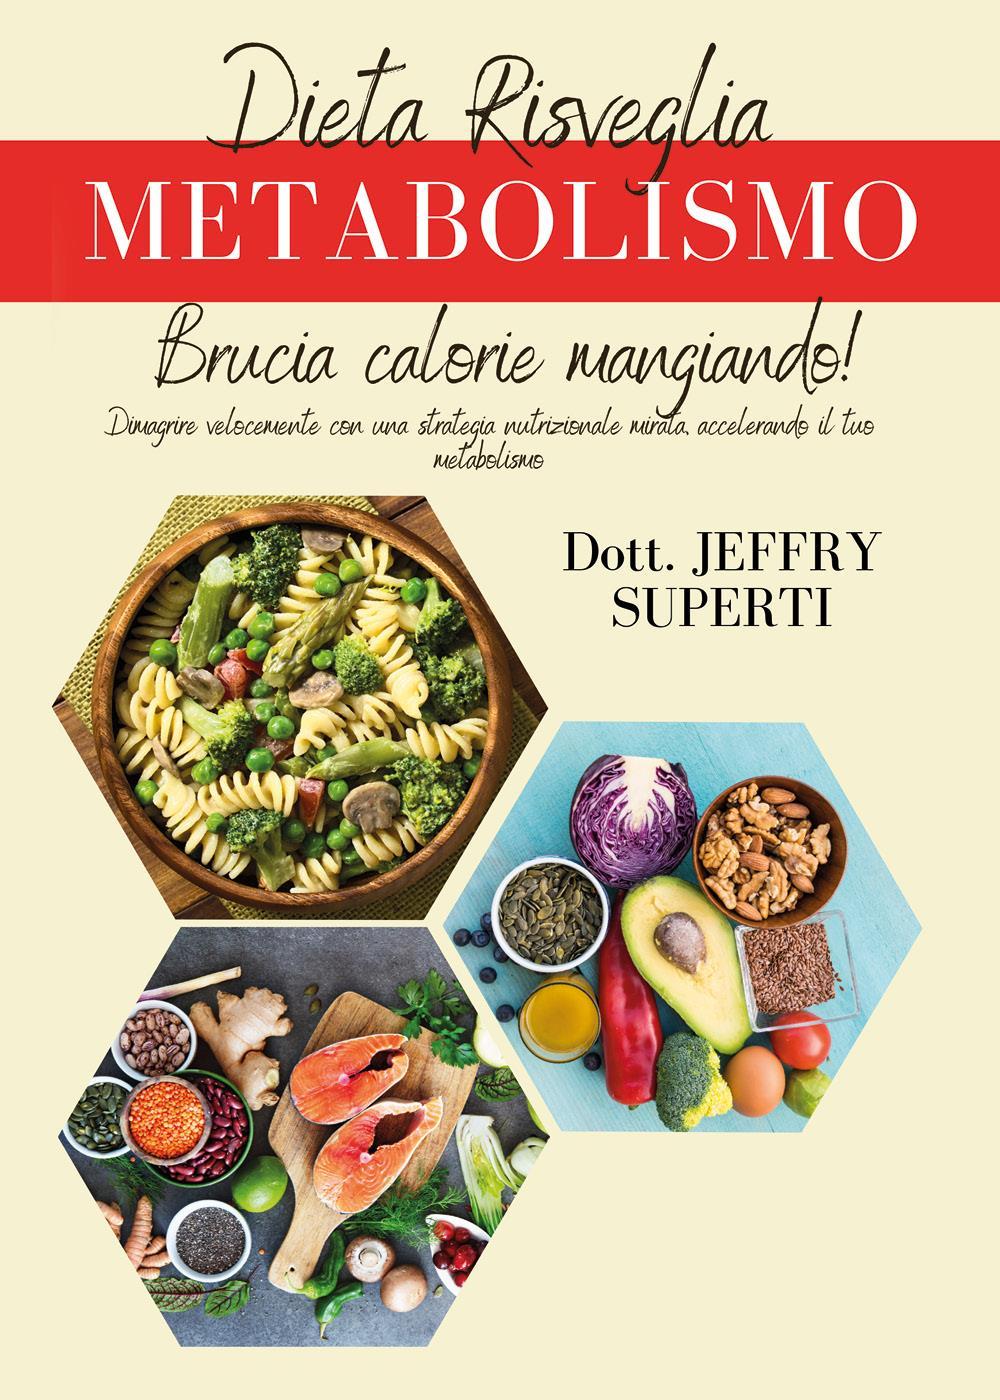 DIETA RISVEGLIA METABOLISMO Dimagrire velocemente con una strategia nutrizionale mirata, accelerando il tuo metabolismo.